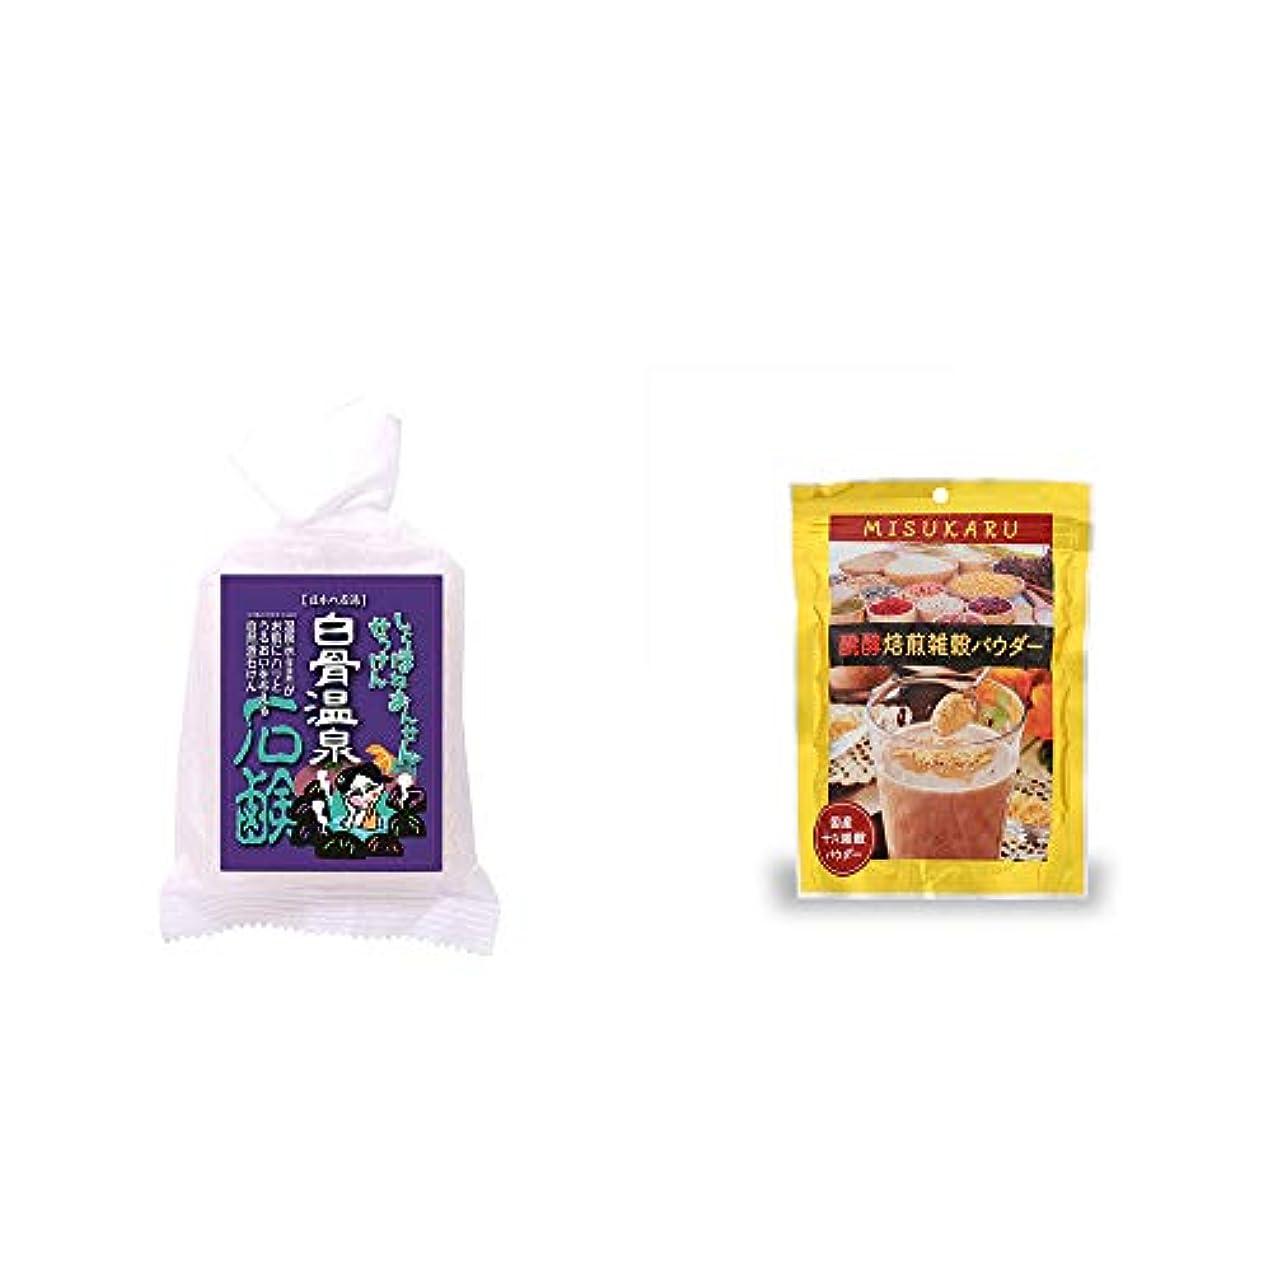 これまで永久にアーチ[2点セット] 信州 白骨温泉石鹸(80g)?醗酵焙煎雑穀パウダー MISUKARU(ミスカル)(200g)